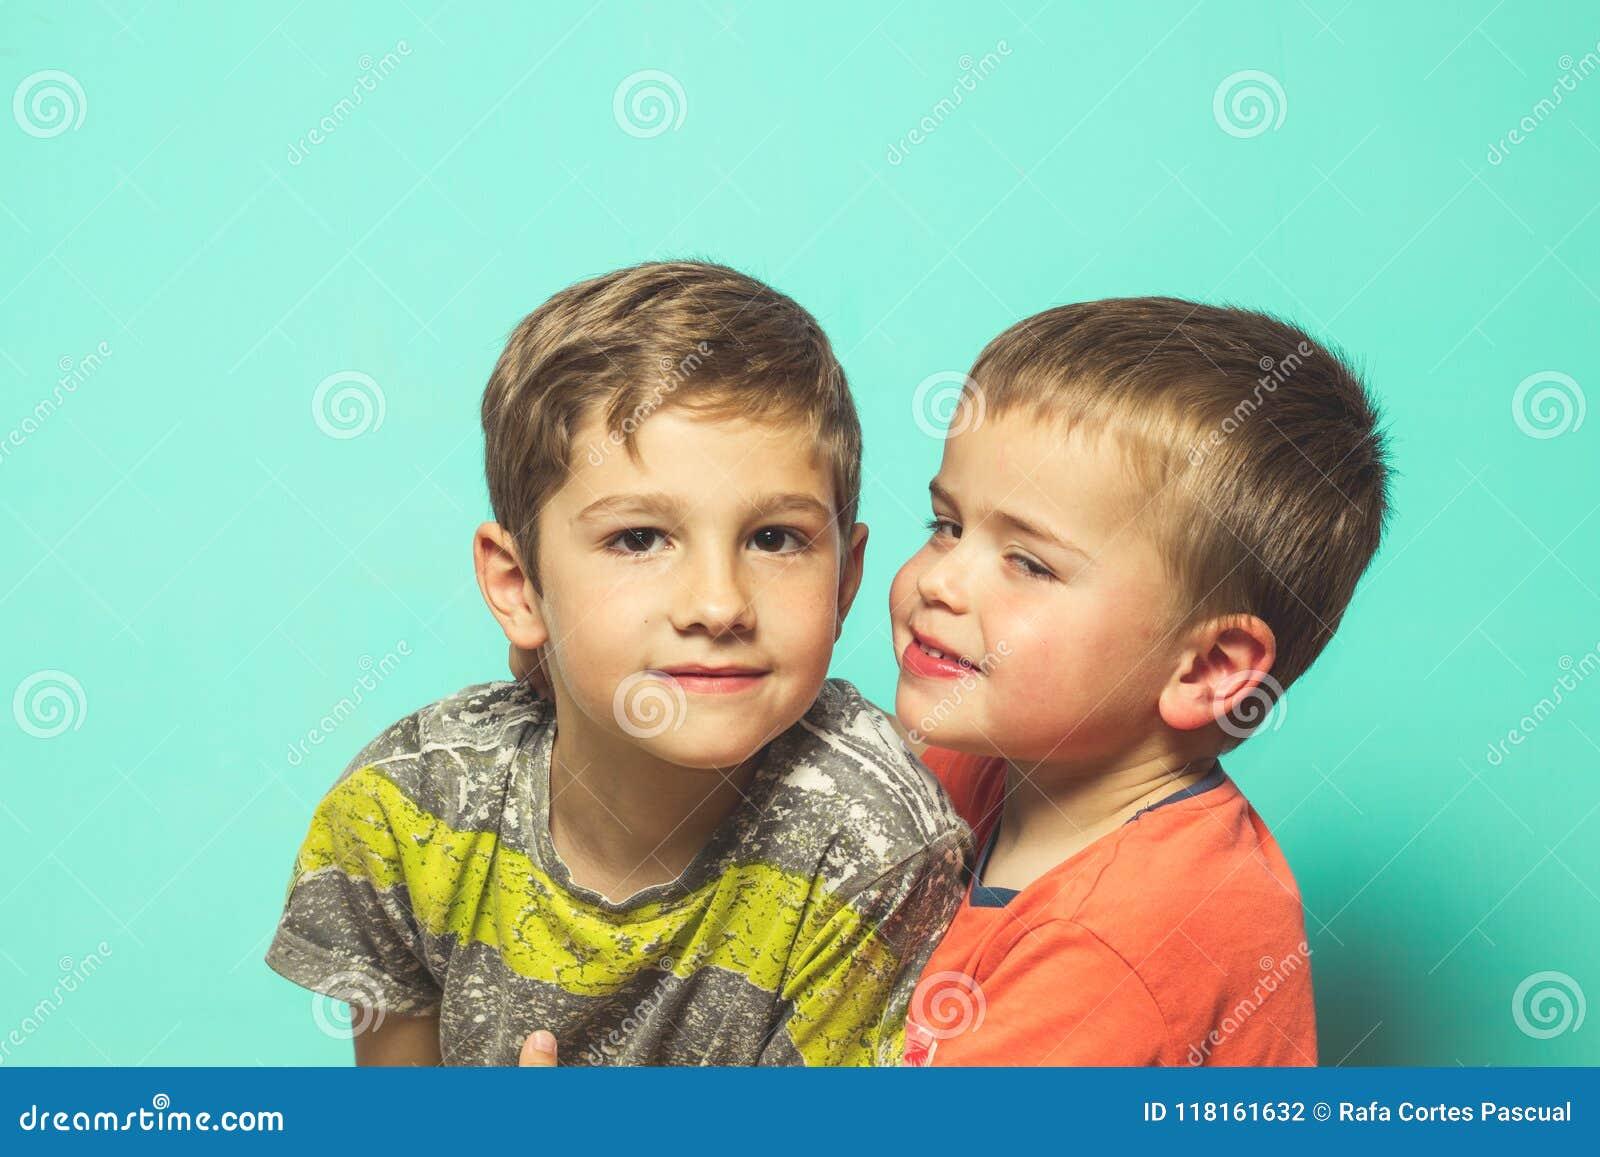 Portret dwa dziecka na błękitnym tle